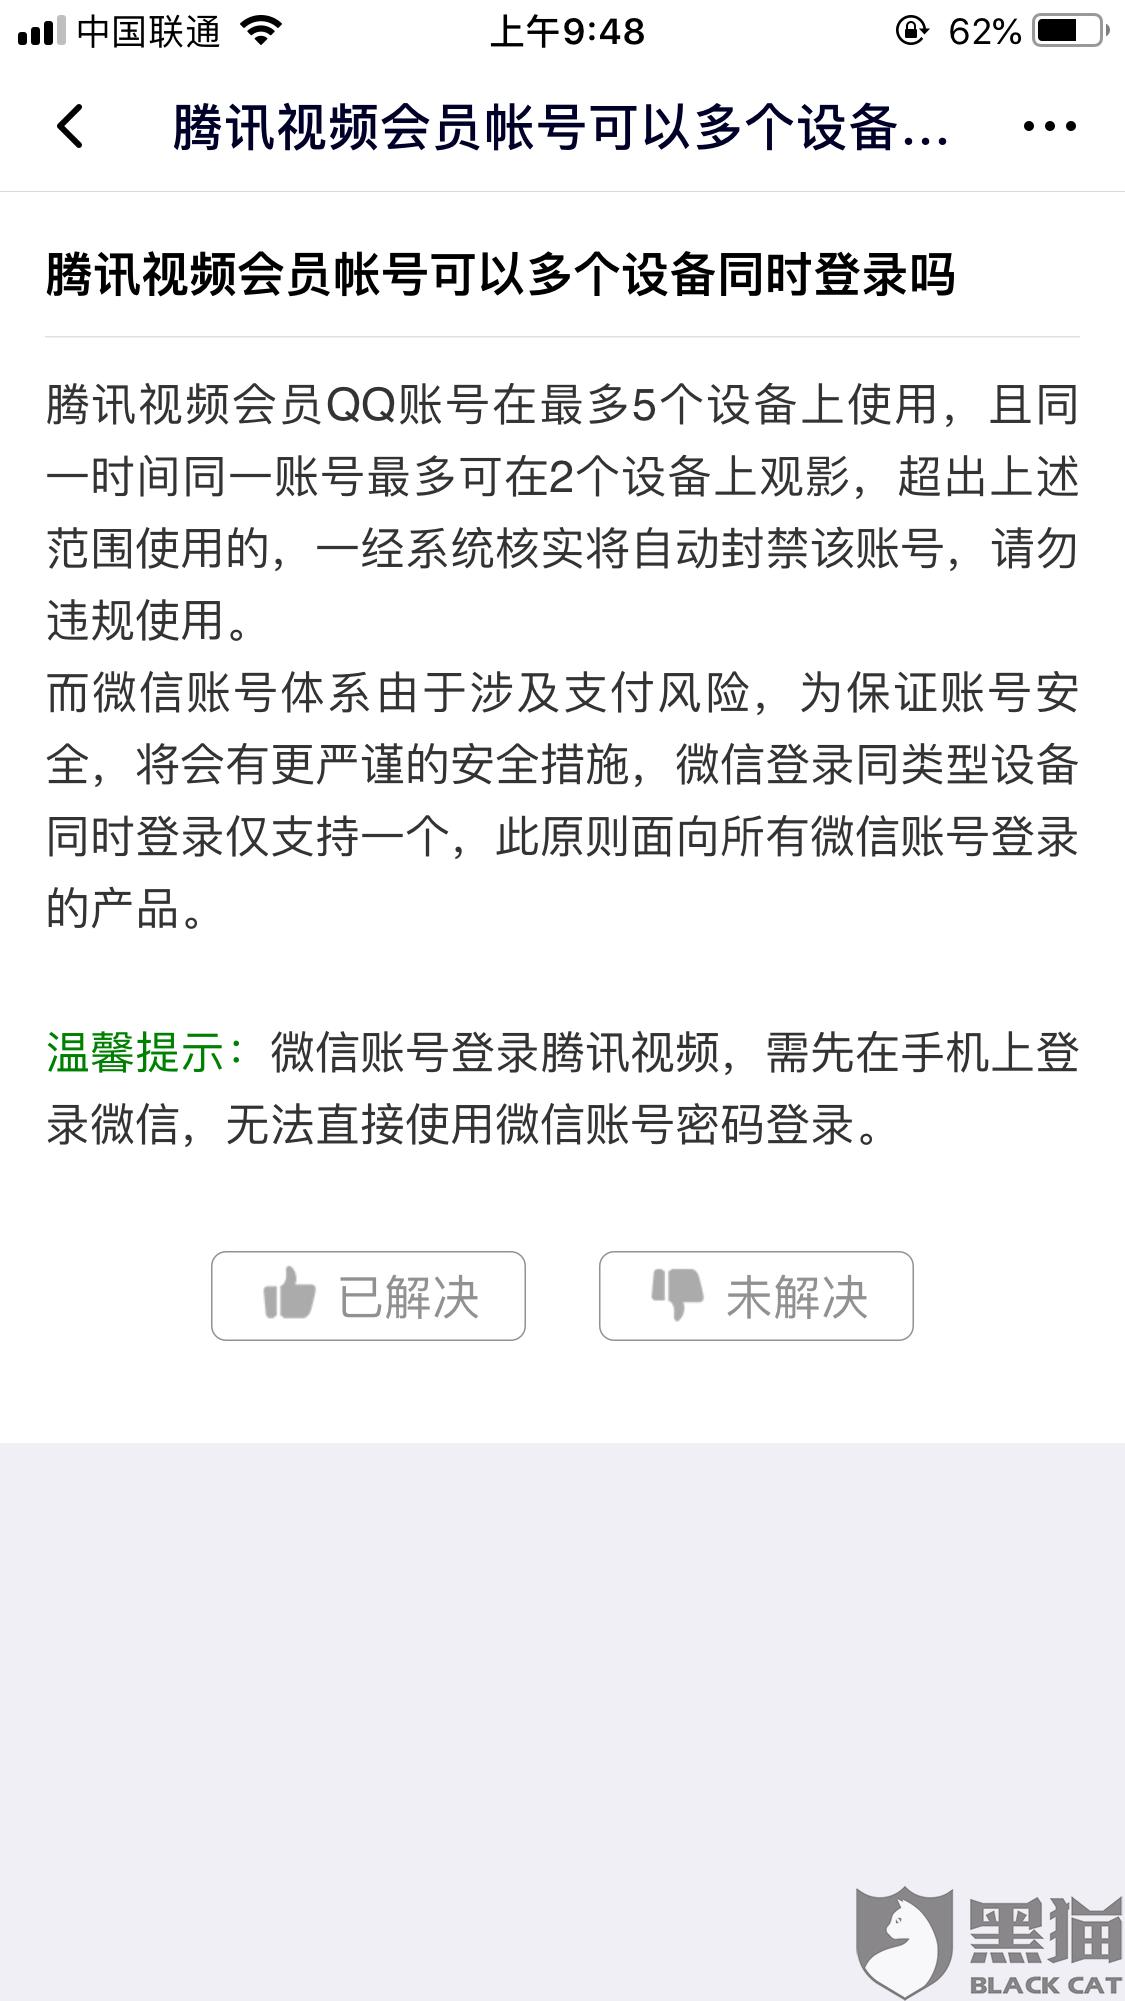 黑猫投诉:腾讯视频会员微信登录不公平待遇